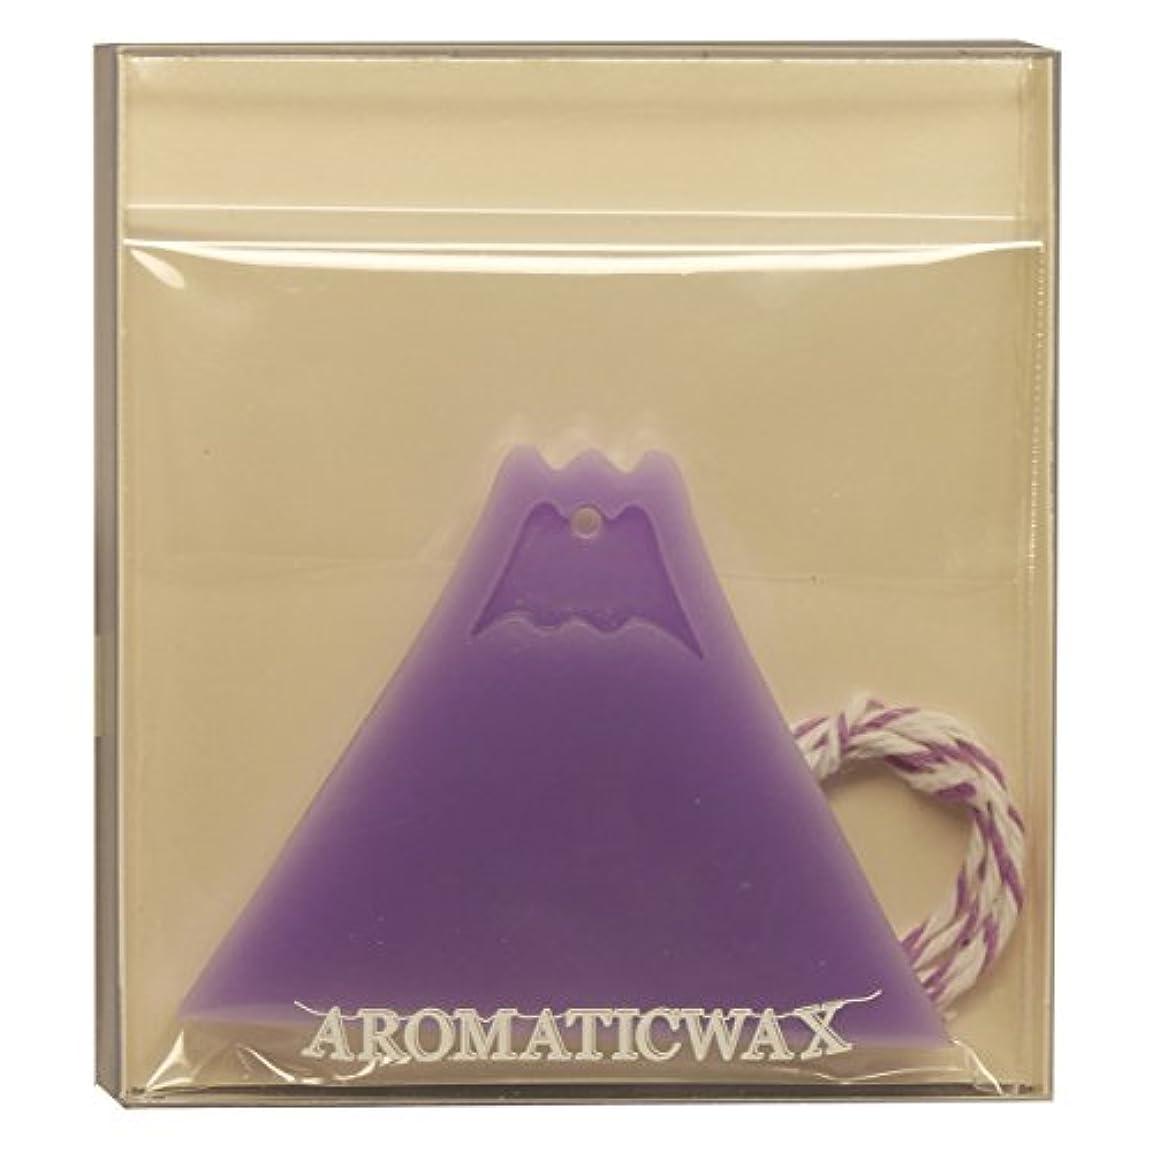 差別する照らすさせるGRASSE TOKYO AROMATICWAXチャーム「富士山」(PU) ラベンダー アロマティックワックス グラーストウキョウ